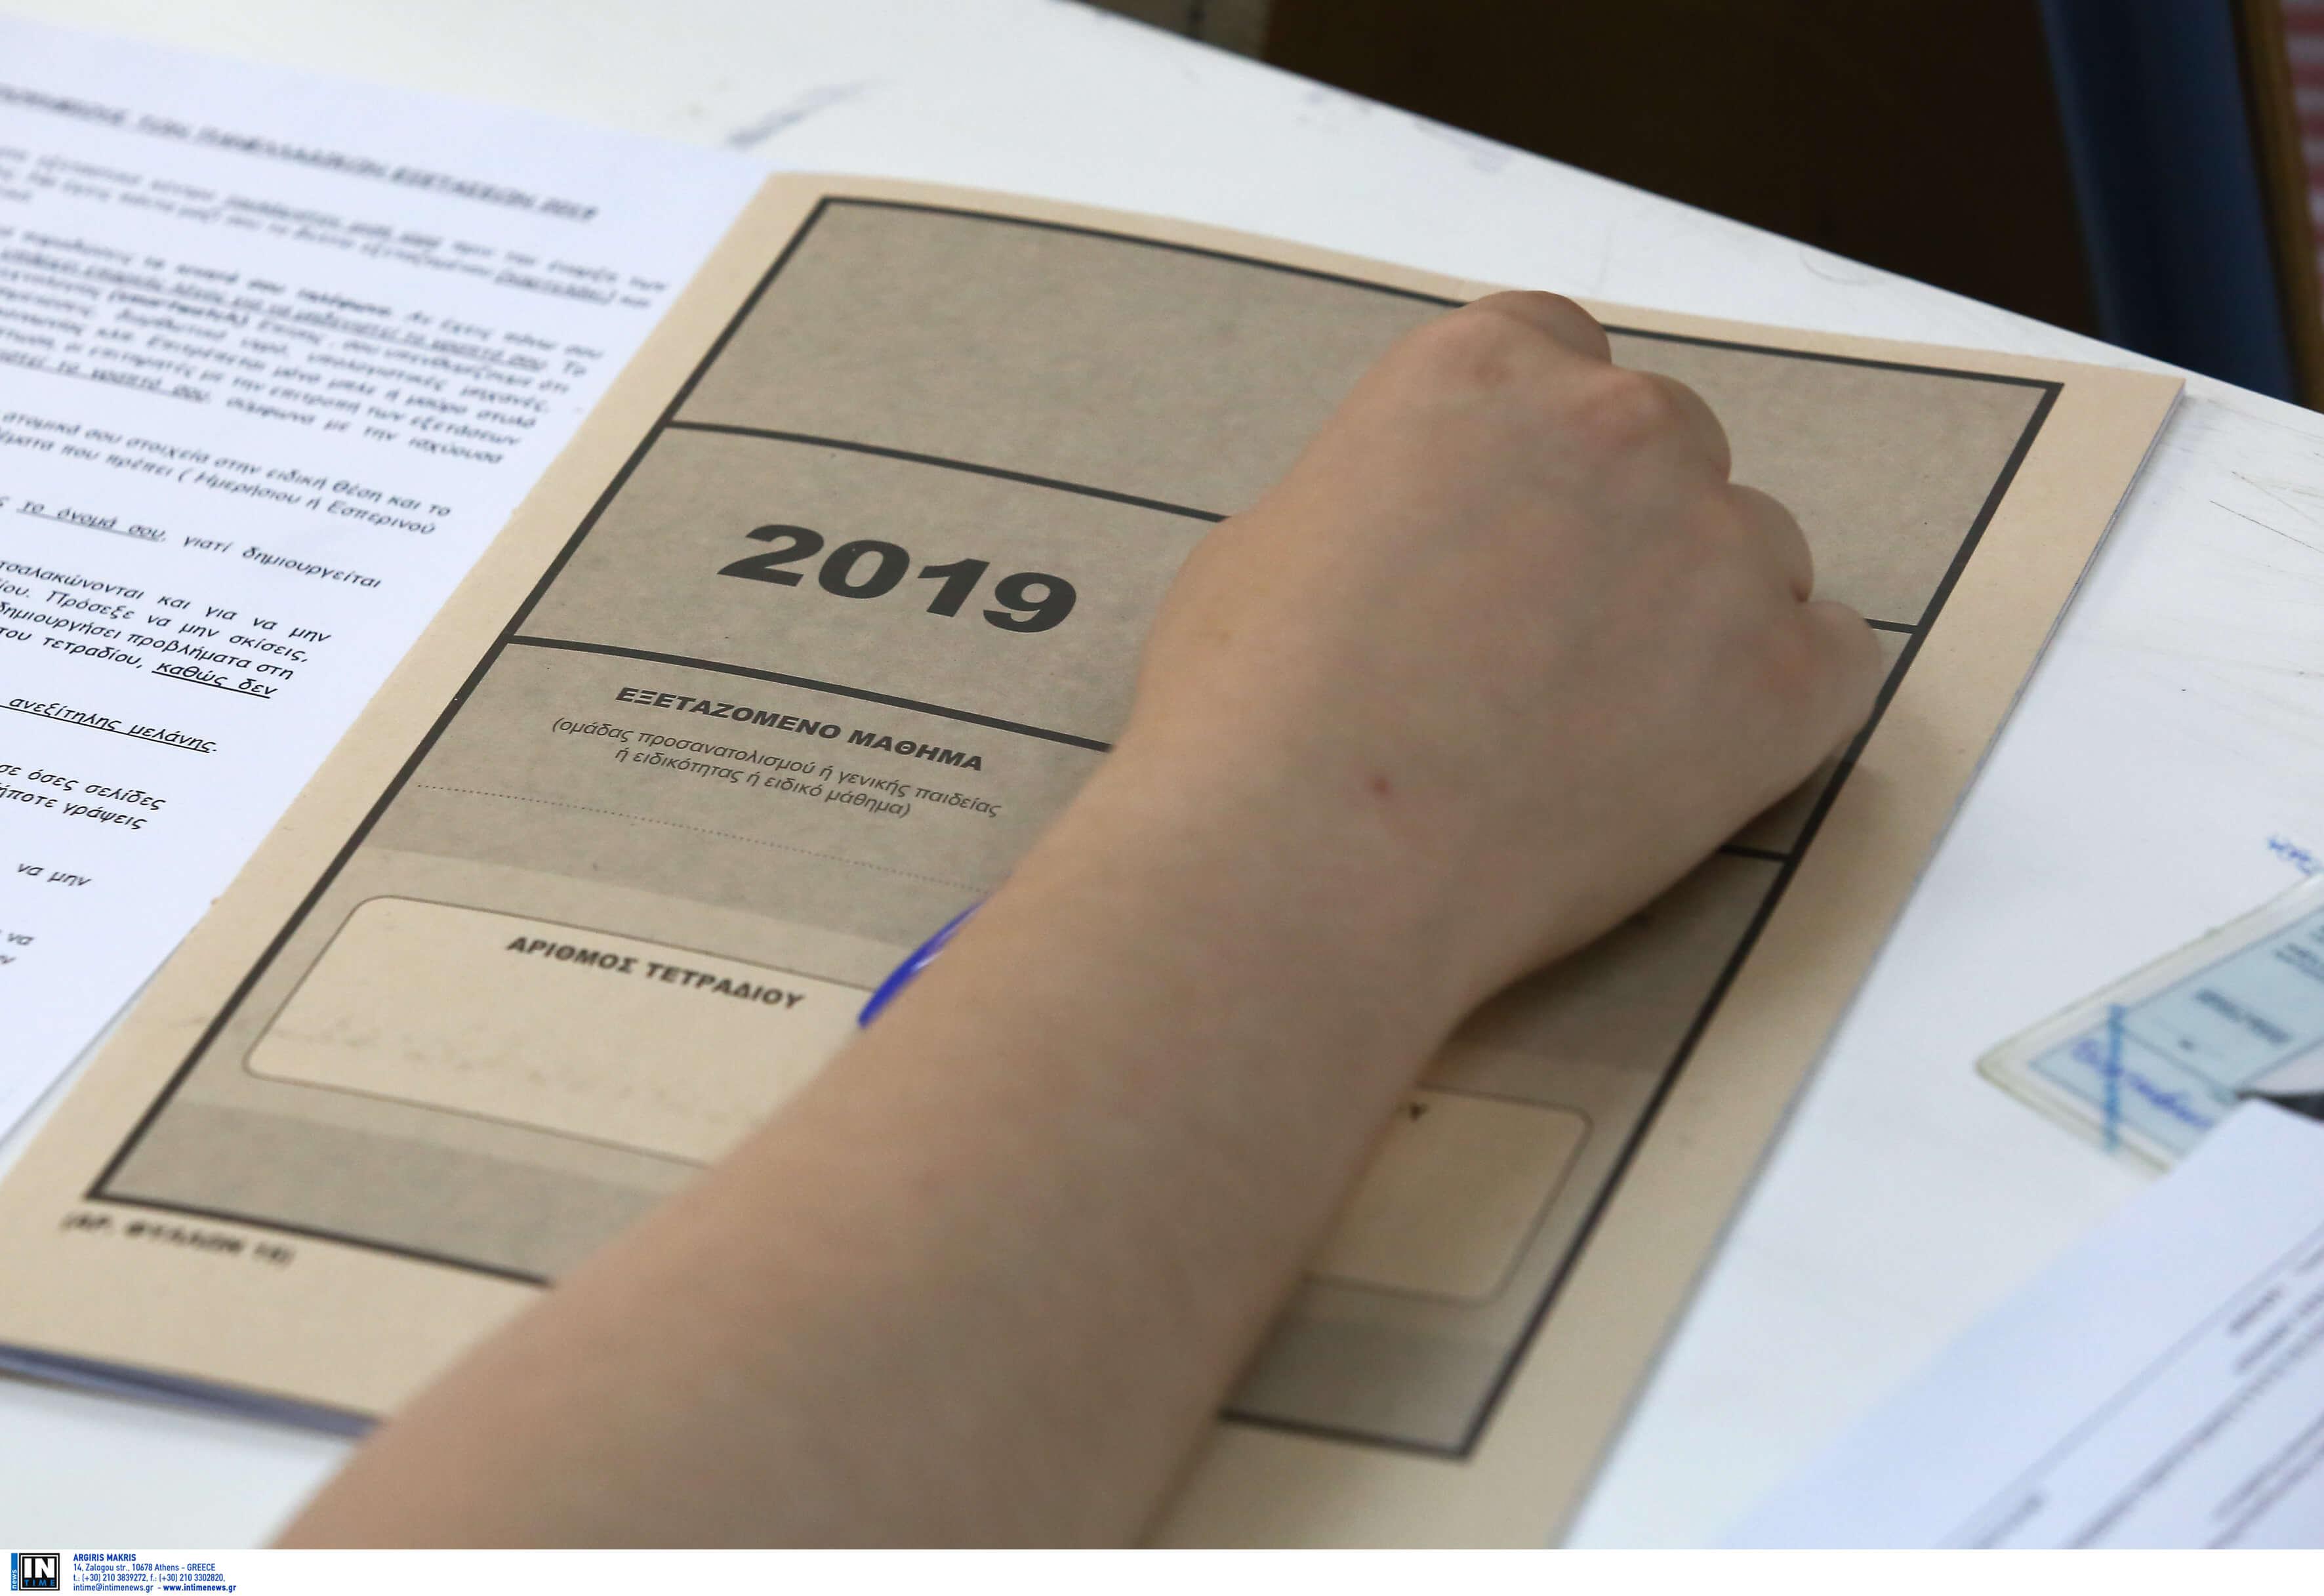 Σαρωτικές οι αλλαγές στις πανελλήνιες!  Τα πανεπιστήμια θα ορίζουν τον αριθμό των υποψηφίων